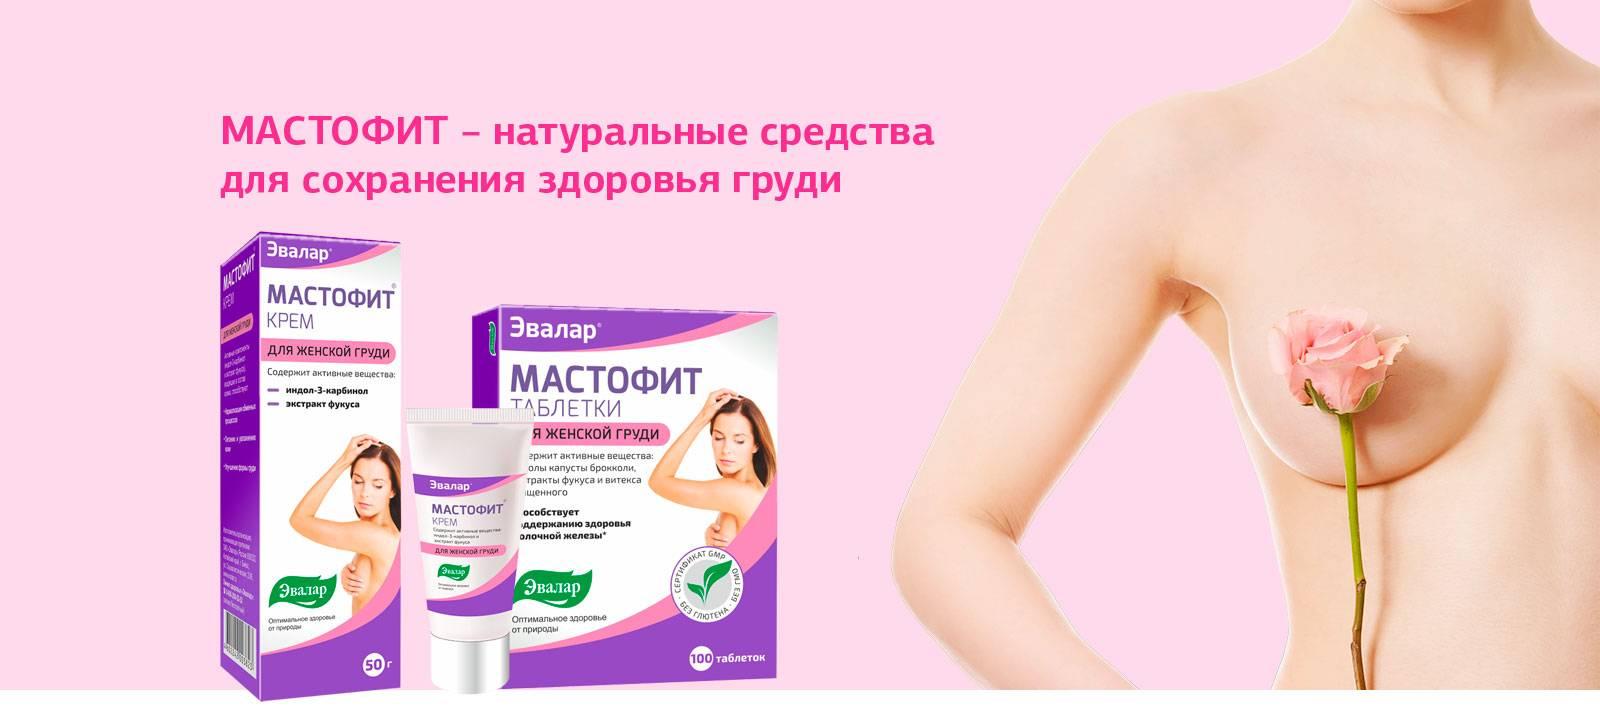 Препараты для увеличения молочных желез у женщин. рост груди от противозачаточных таблеток — какие использовать